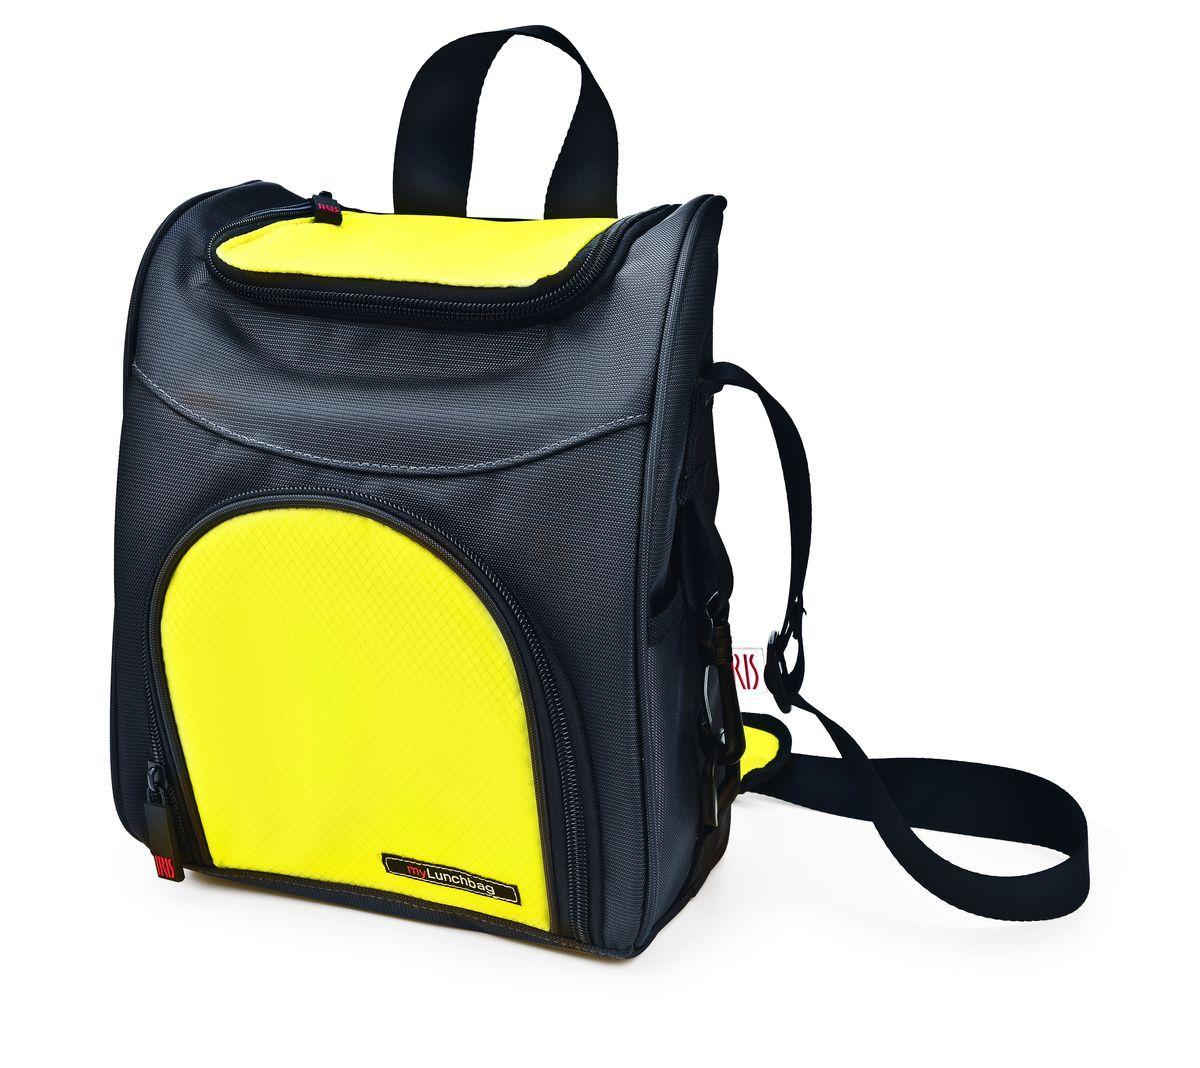 Термо ланч-бокс-рюкзак TRAVELLER MyLunchbag, цвет: серо-желтыйI9363-TXТермоЛанчбокс-рюкзак TRAVELLER? MyLunchbag?. Отлично сохраняет свежесть и вкус продукта на несколько часов. Пригодится везде: на прогулке, на работе, учебе и т.д. С ним легко справится даже ребенок! Обладает большой вместительностью. Присутствует удобный кармашек для аксессуаров, можно повесить на плечо (благодаря регулируемому ремню) и на спину. Рекомендуется регулярно стирать вручную в теплой воде с мылом. Сделан из полиэстера